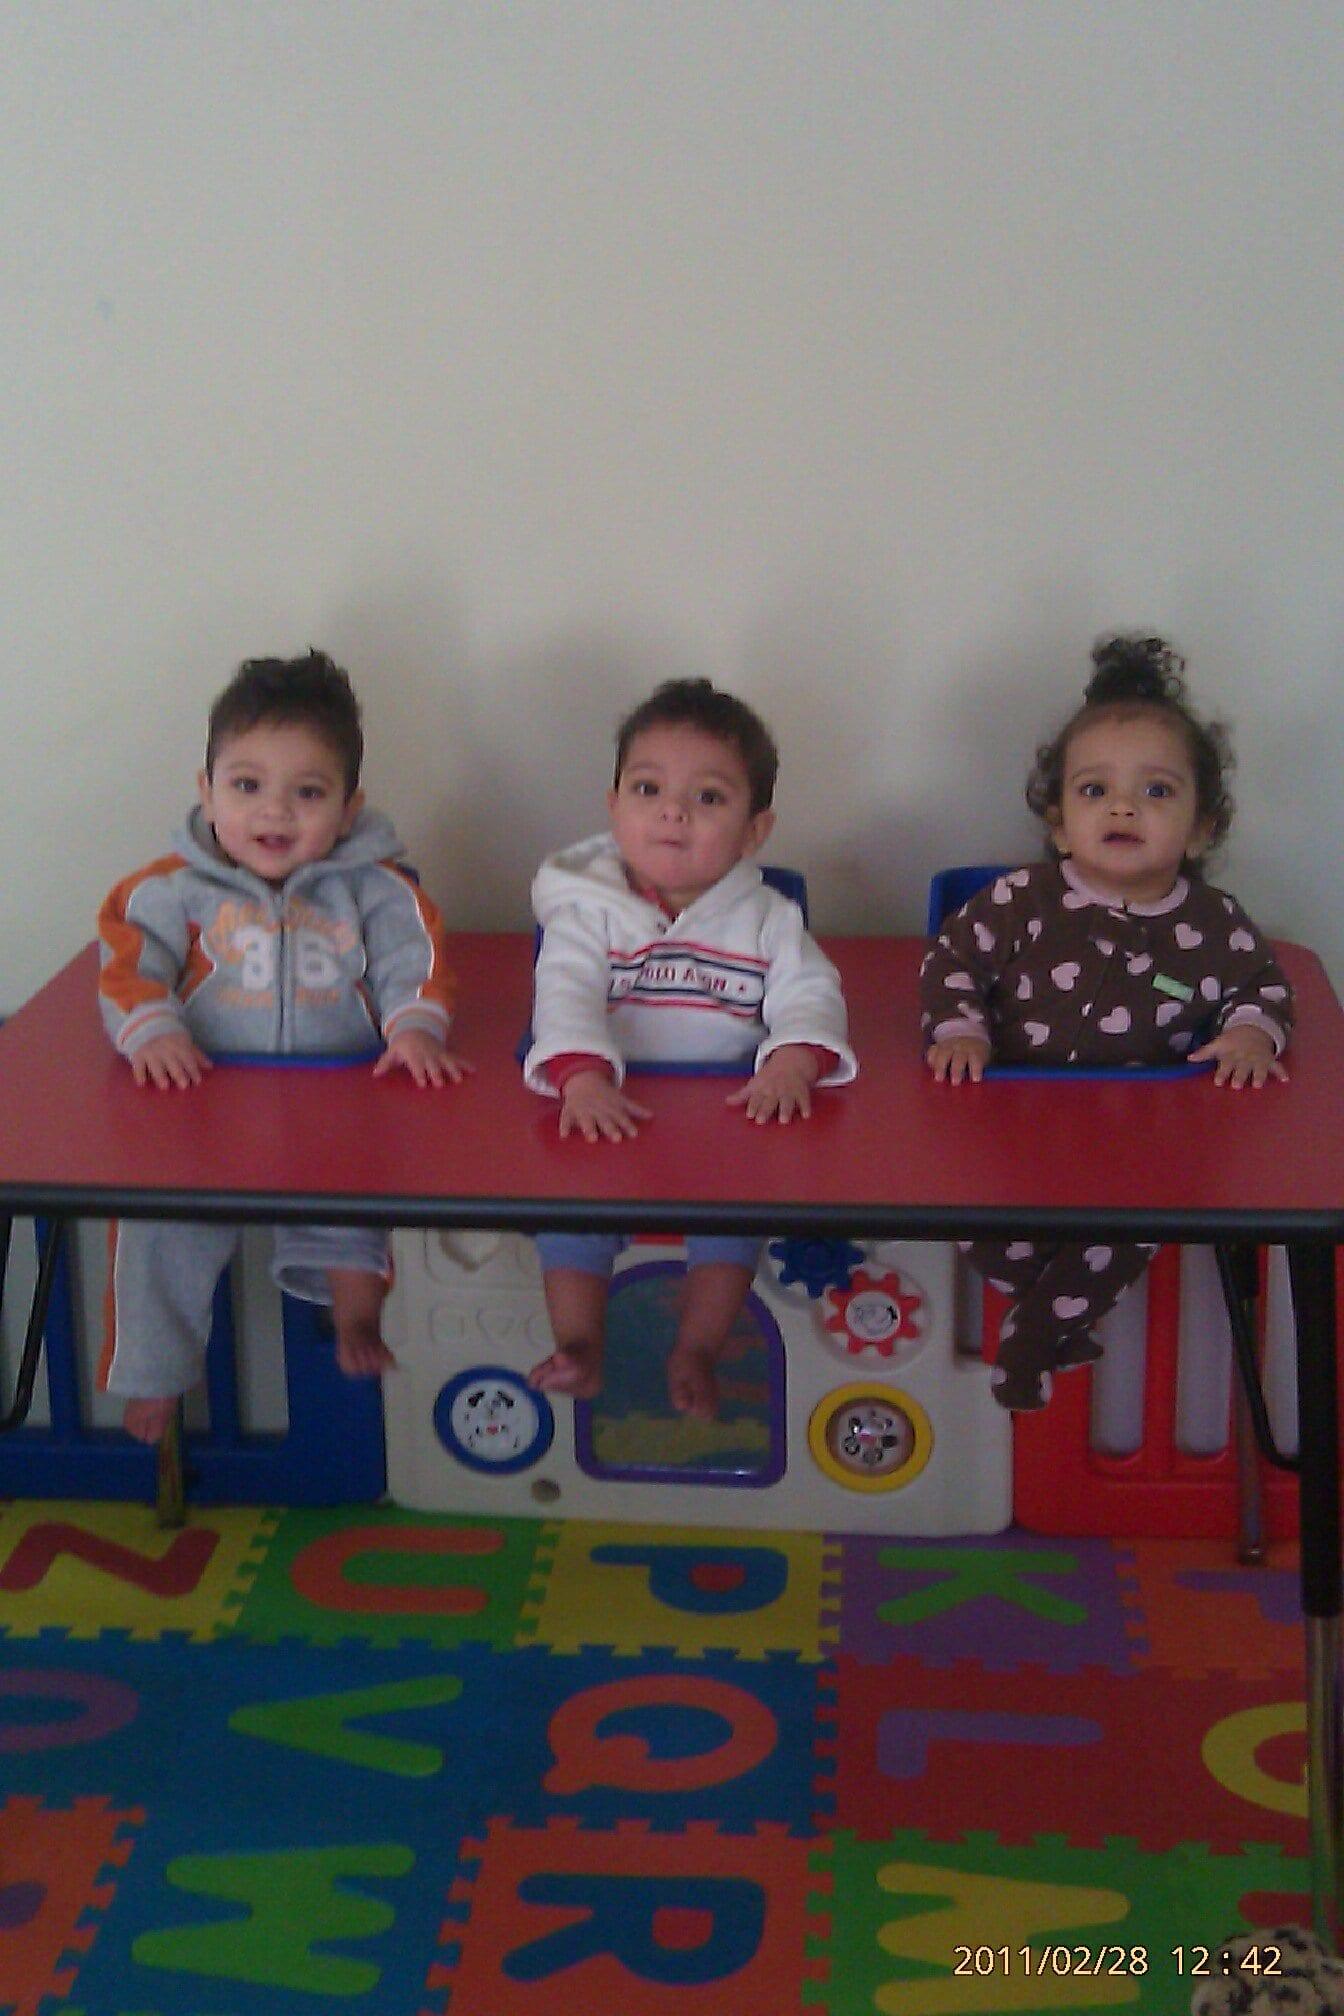 MedImmune Triplet Feeding